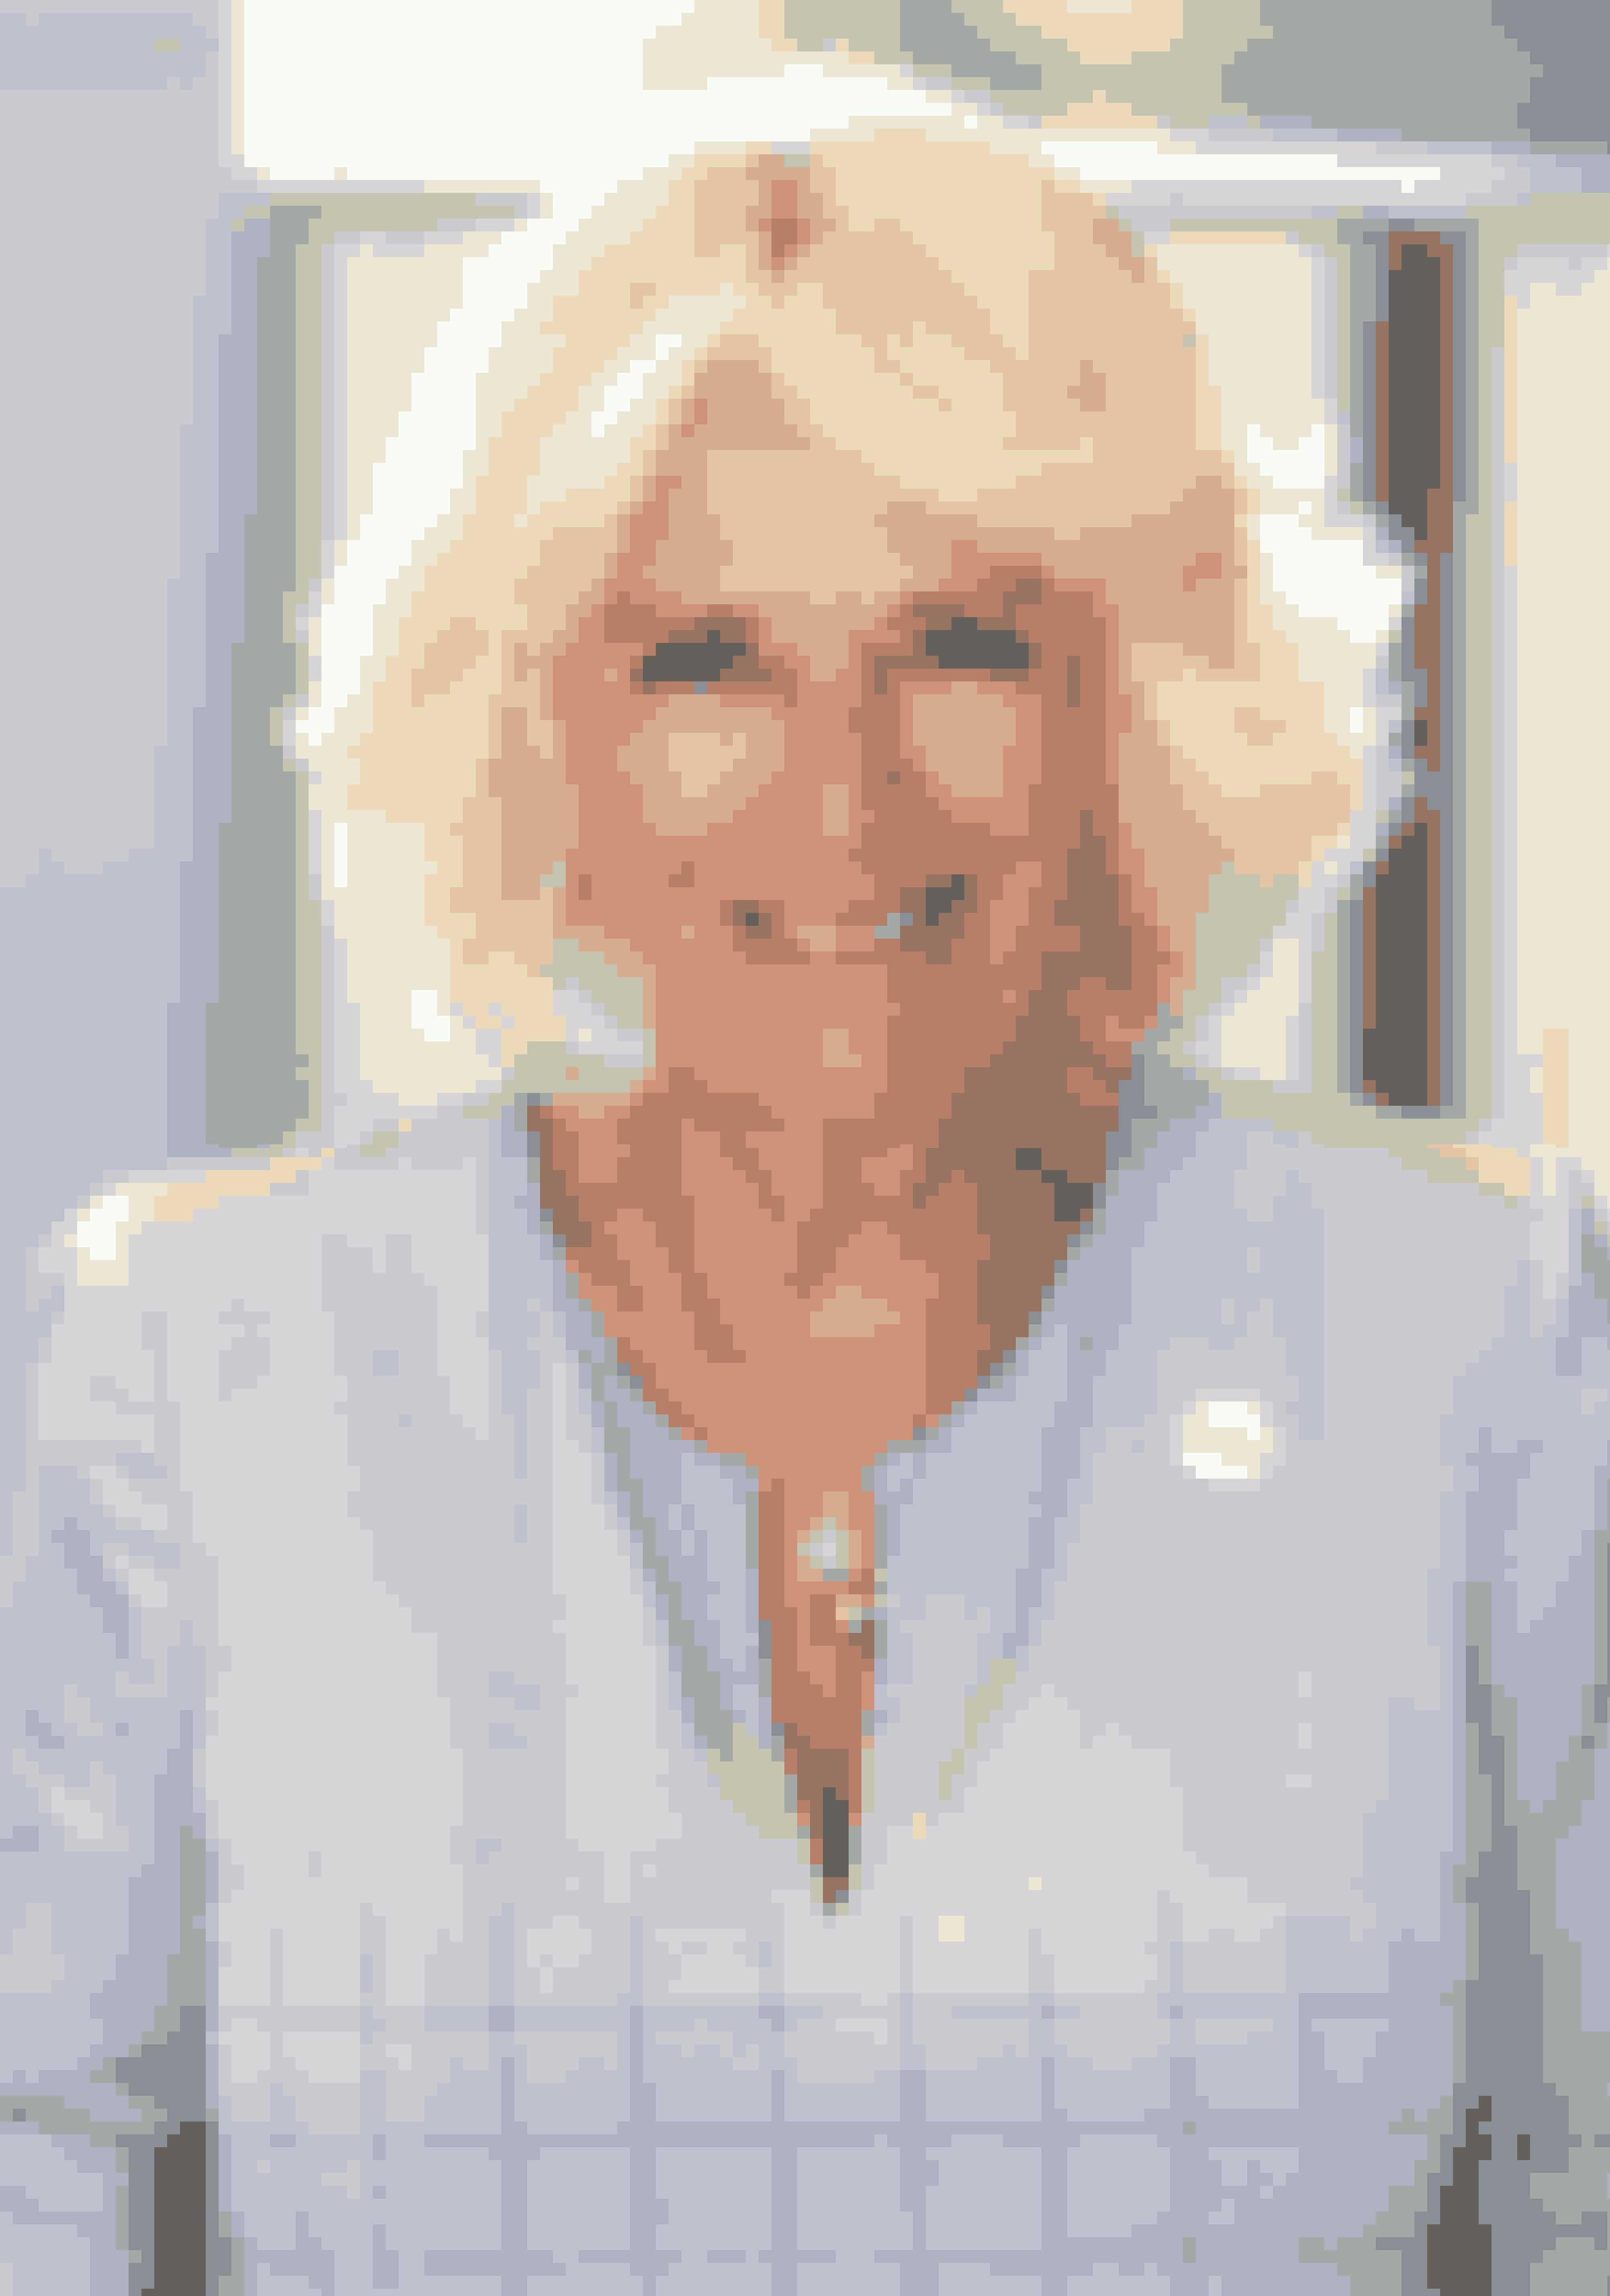 Prinsesse Camilla: 30,7 millioner kronerHertuginden Camilla af Cornwall har en formue på ca. 30,7 millioner kroner og er dermed et af de medlemmer, som er god for det laveste beløb i kongefamilien. Hertugindens formue skyldes blandt andet et stipendium fra Cornwall samt en række ejendomme.